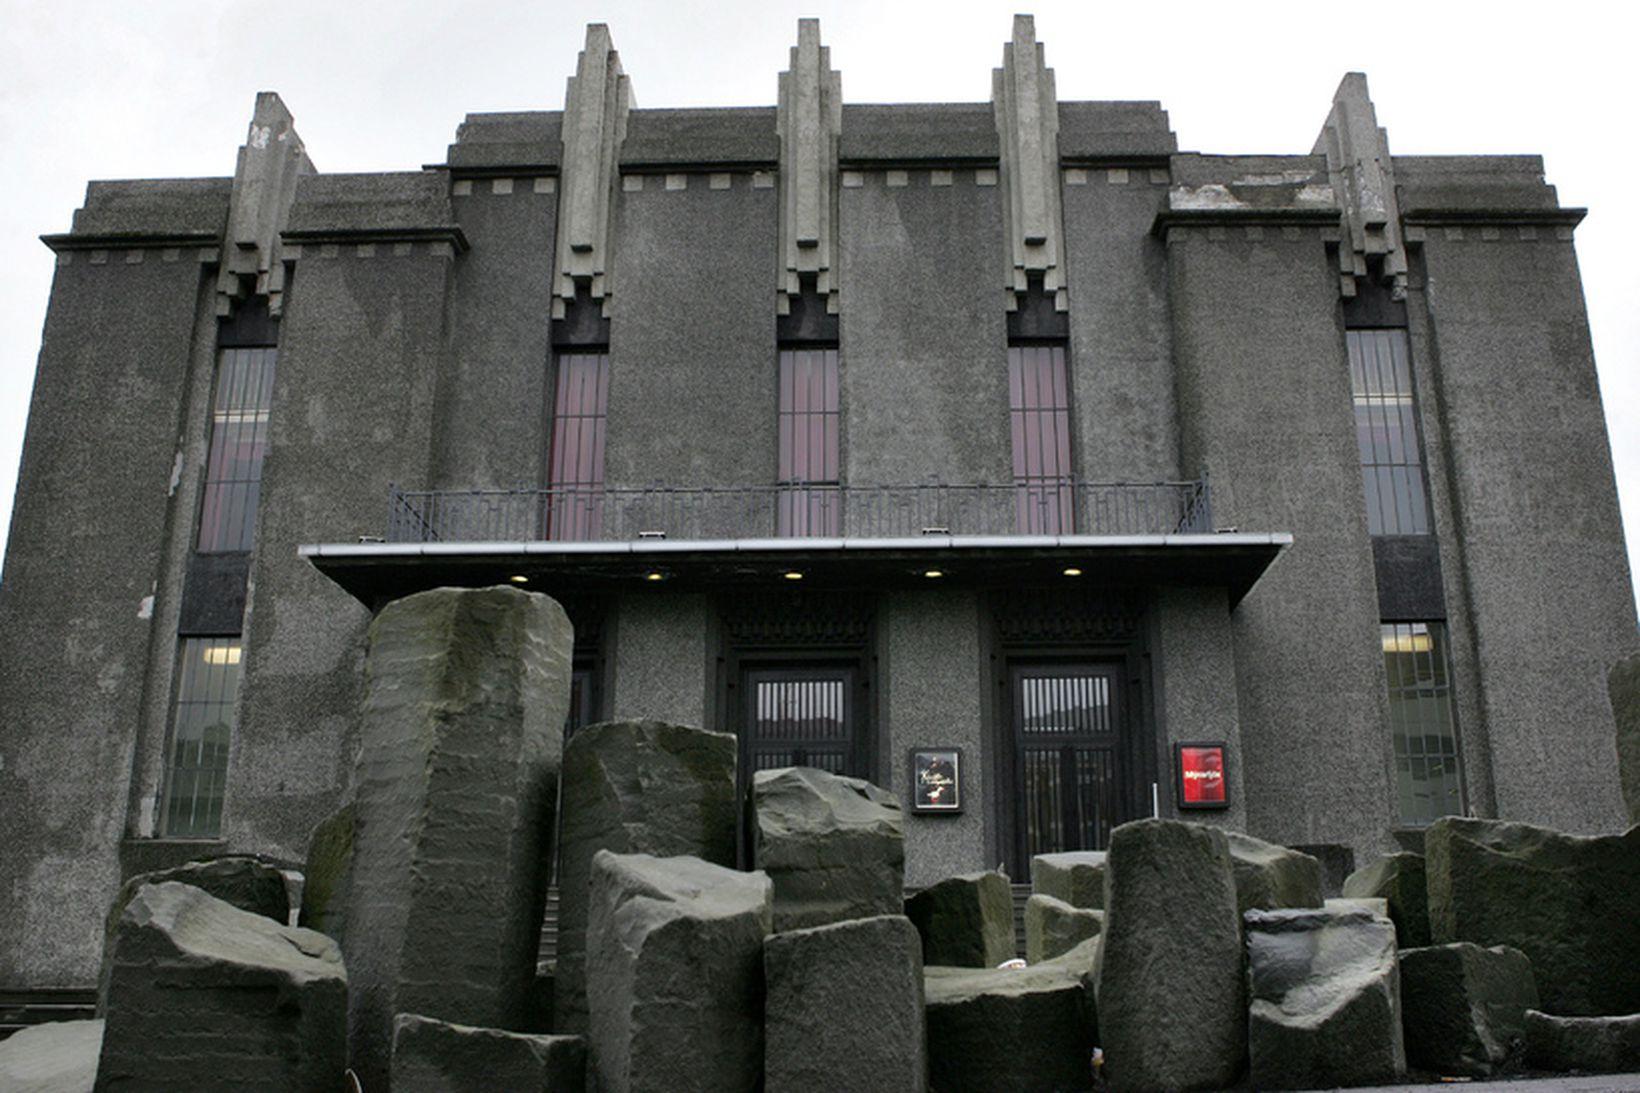 Hljóðleikhús Þjóðleikhússins fer af stað á morgun.